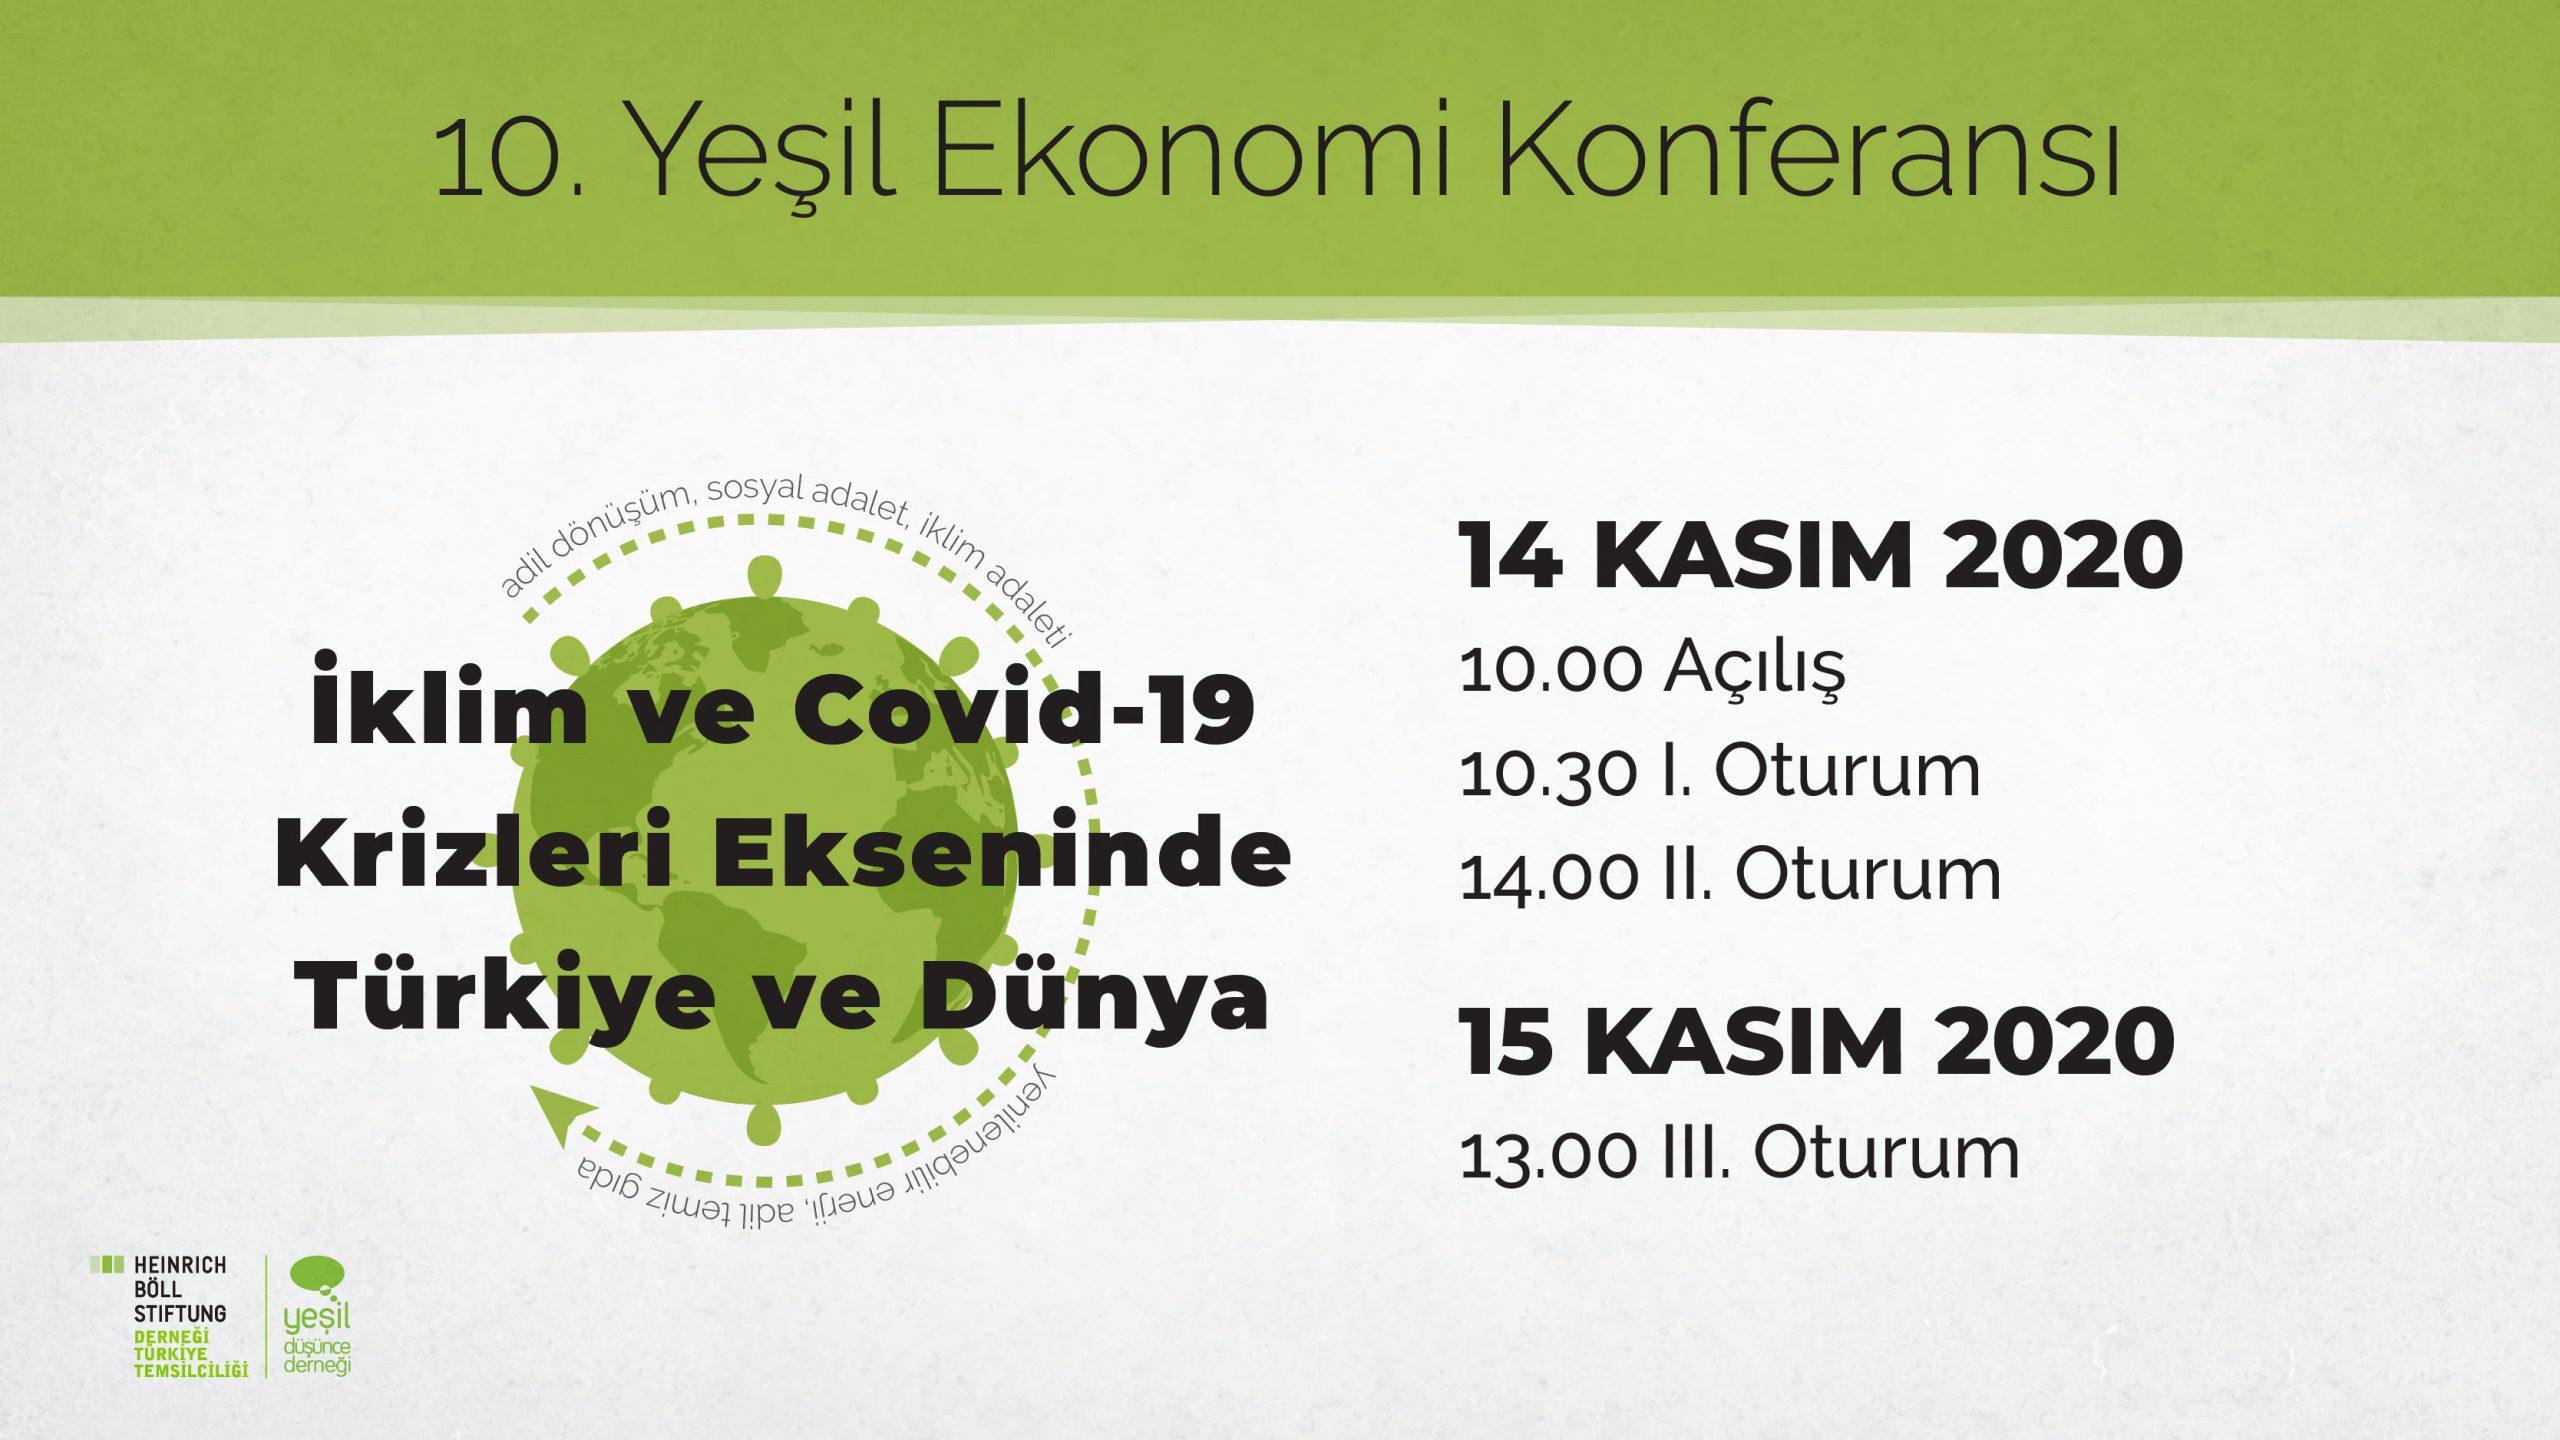 10. Yeşil Ekonomi Konferansı